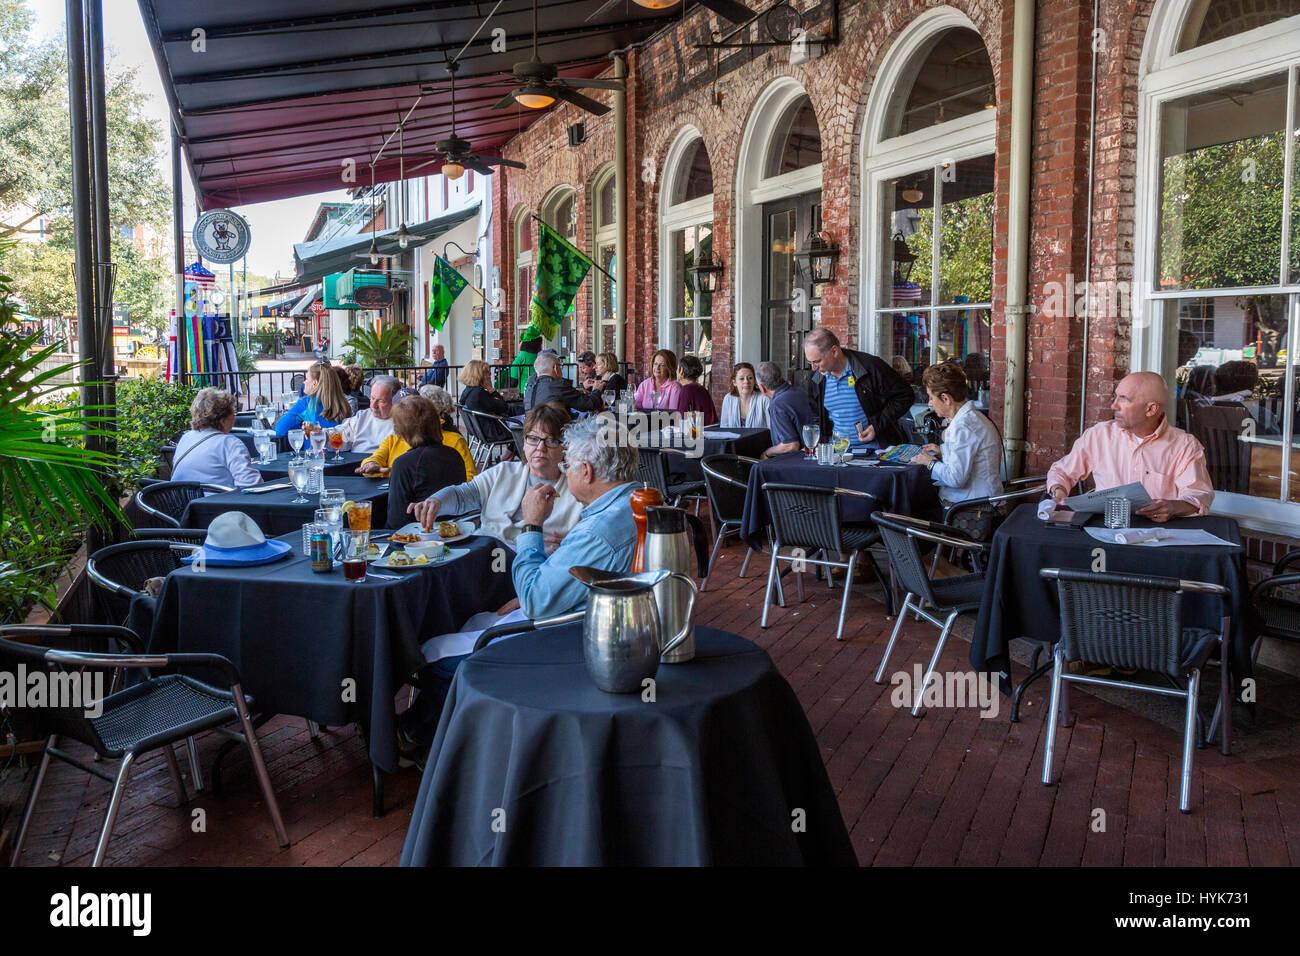 Savannah, Géorgie. Belford's restaurant Savannah, marché de la ville. Photo Stock